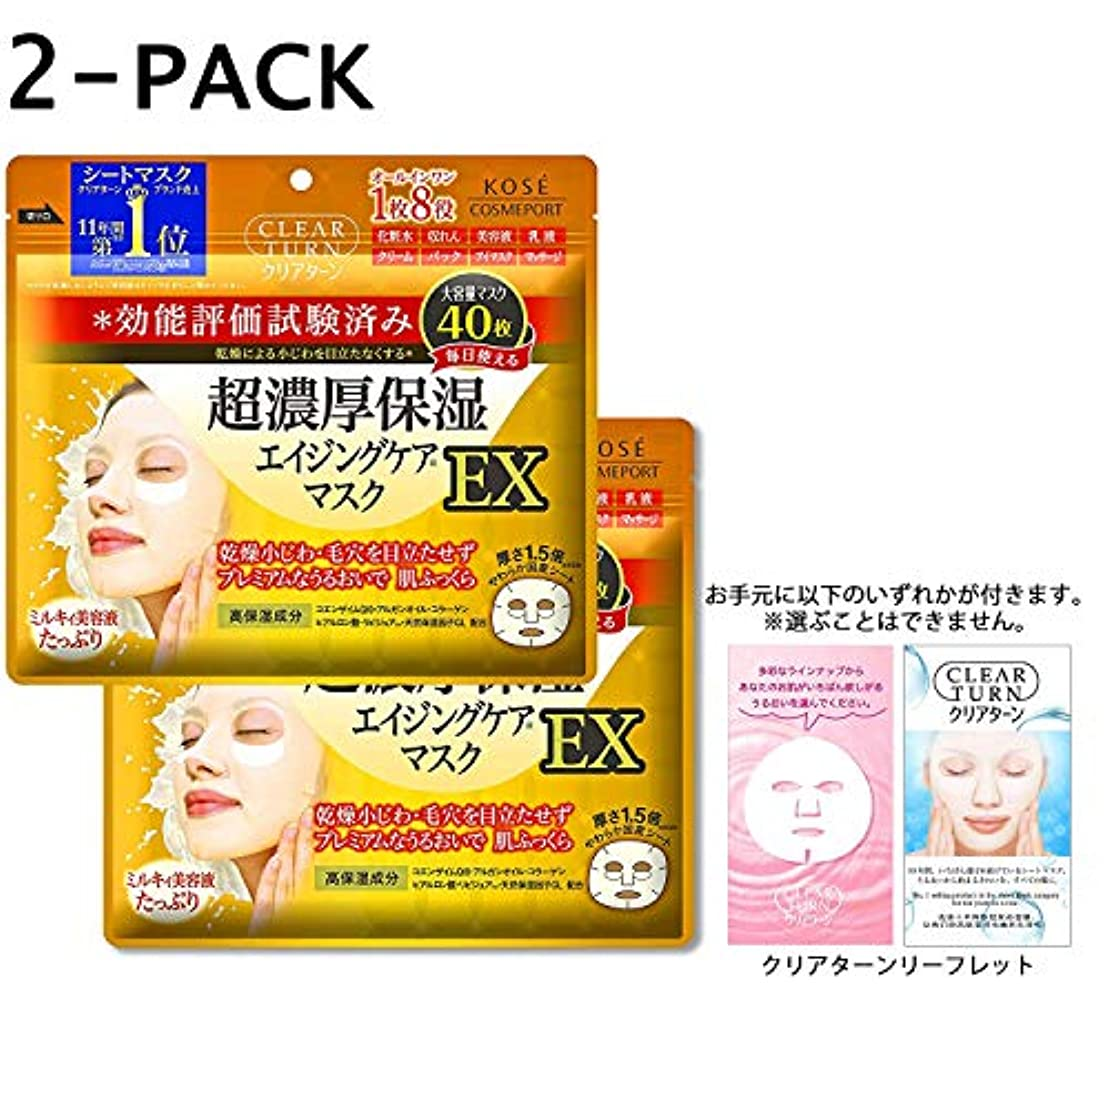 【Amazon.co.jp限定】KOSE クリアターン 超濃厚保湿マスク EX(40枚入) 2P+リーフレット フェイスマスク